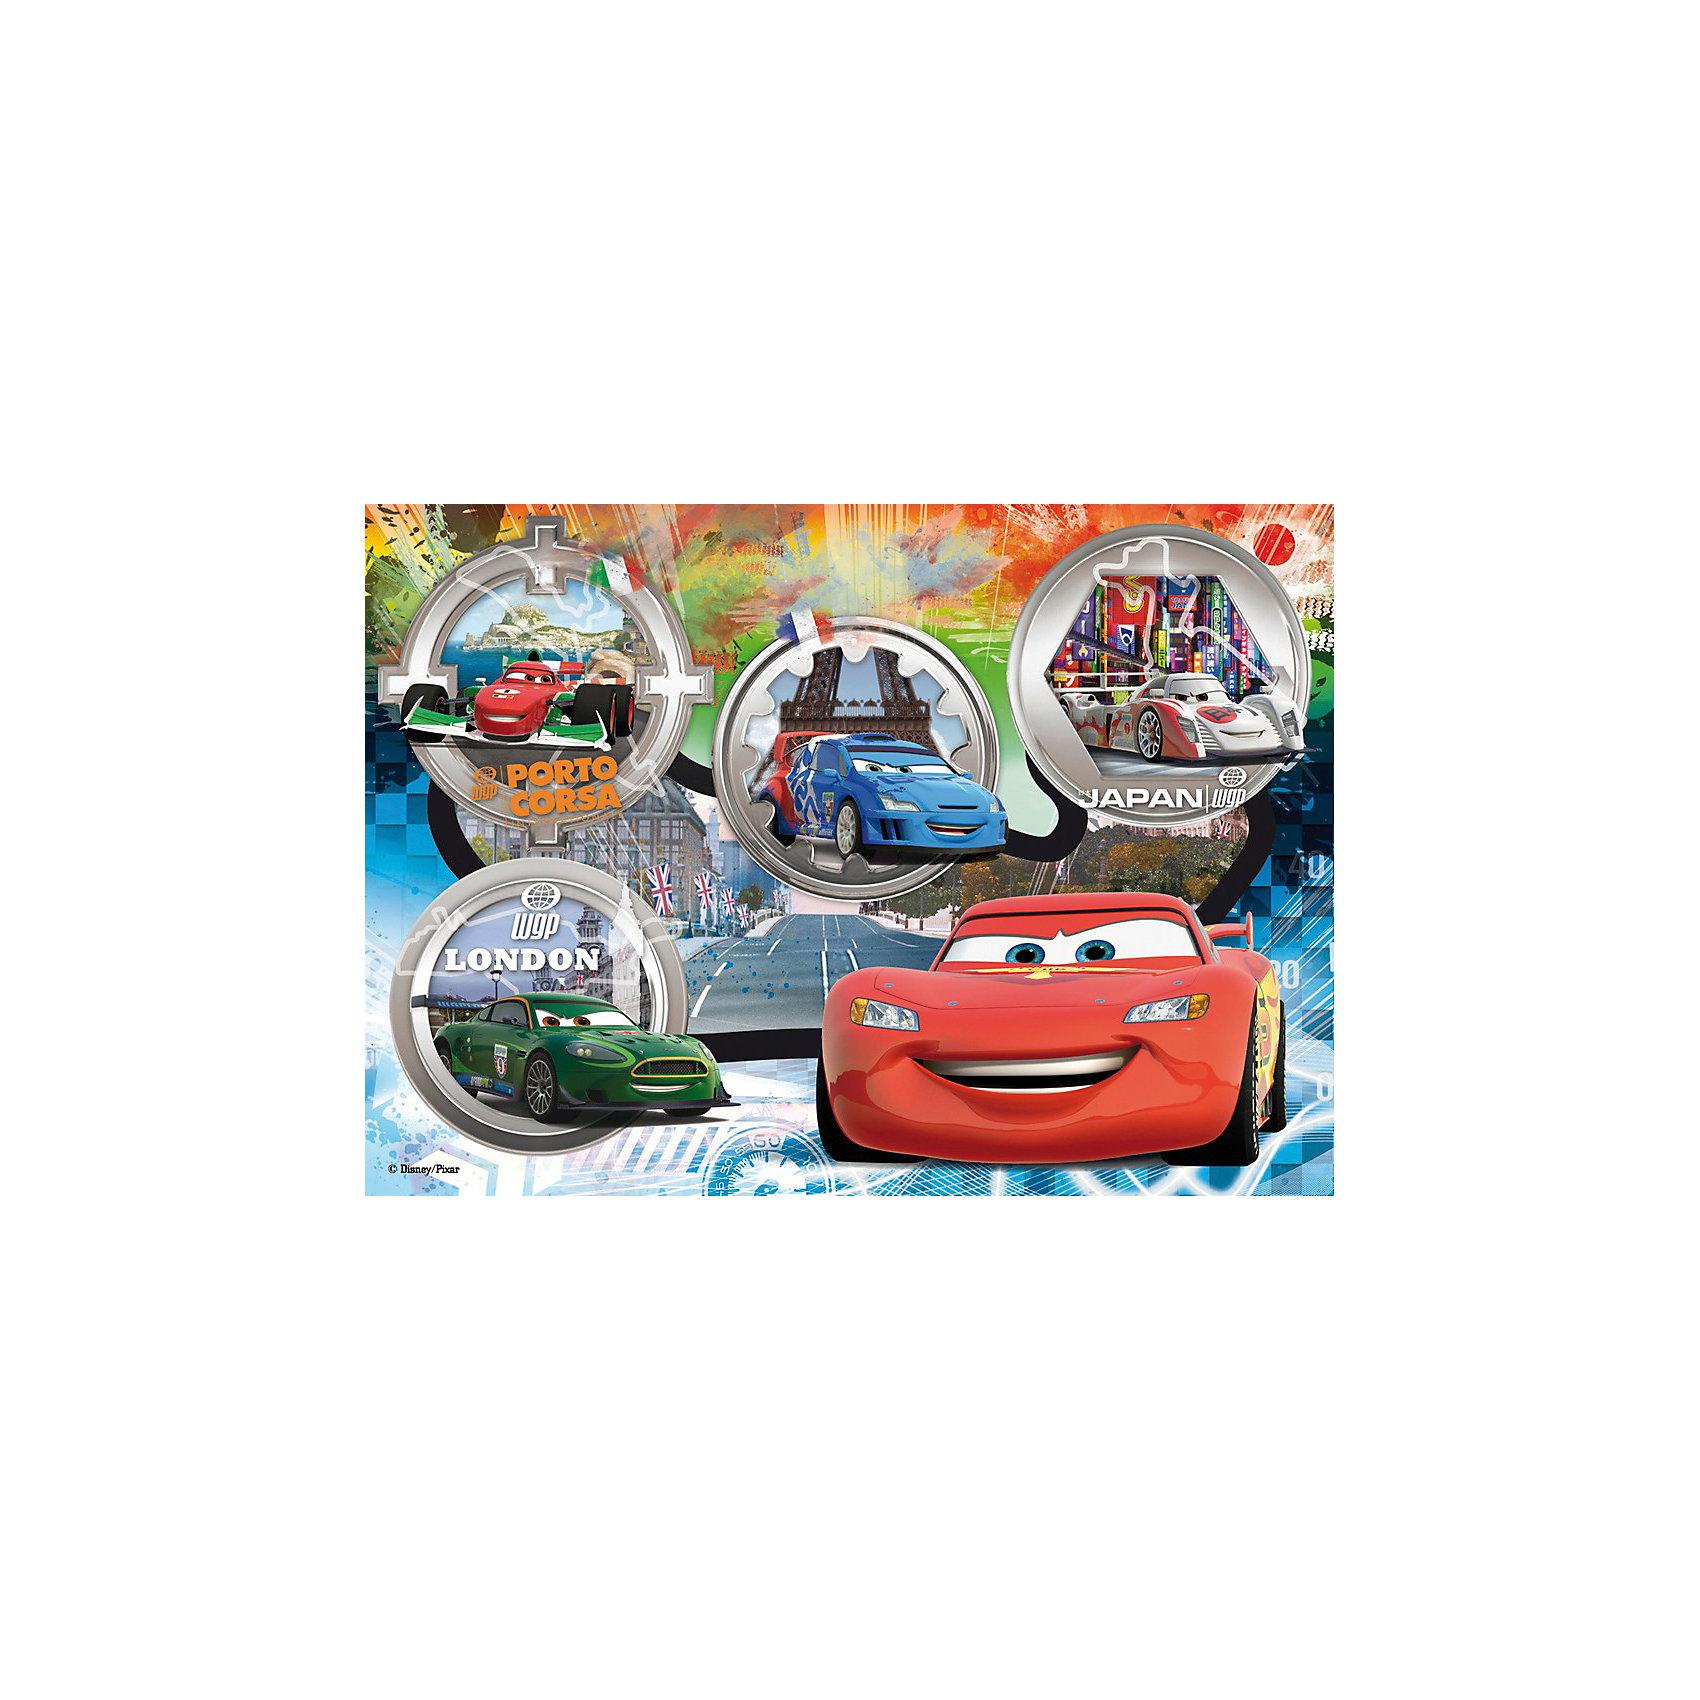 Пазл Тачки. Мировые ралли, 24 детали, ДиснейПазл Тачки. Мировые ралли, Дисней (Disney) - увлекательный набор для творчества, который будет интересен детям всех возрастов и даже их родителям. С помощью входящих в набор деталей Вы сможете собрать красочную картинку с изображением персонажей из популярного диснеевского мультфильма Тачки (Cars). Пазл изготовлен из прочного картона высокого качества, изображение напечатано на бумаге, не отражающей свет, благодаря чему отчетливо видны все детали картины. Составные элементы пазла отлично соединяются между собой, при этом соединения практически незаметны.<br> <br>Собирание пазла способствует развитию логического мышления, внимания, воображения и мелкой моторики рук.<br><br>Дополнительная информация:<br><br>- Материал: картон, бумага. <br>- Размер собранного пазла: 68 х 48 см.<br>- Размер упаковки: 39,5 х 6,5 х 27,5 см. <br><br>Пазл Тачки. Мировые ралли, Дисней можно купить в нашем интернет-магазине.<br><br>Ширина мм: 404<br>Глубина мм: 282<br>Высота мм: 68<br>Вес г: 838<br>Возраст от месяцев: 48<br>Возраст до месяцев: 72<br>Пол: Мужской<br>Возраст: Детский<br>Количество деталей: 24<br>SKU: 3183819